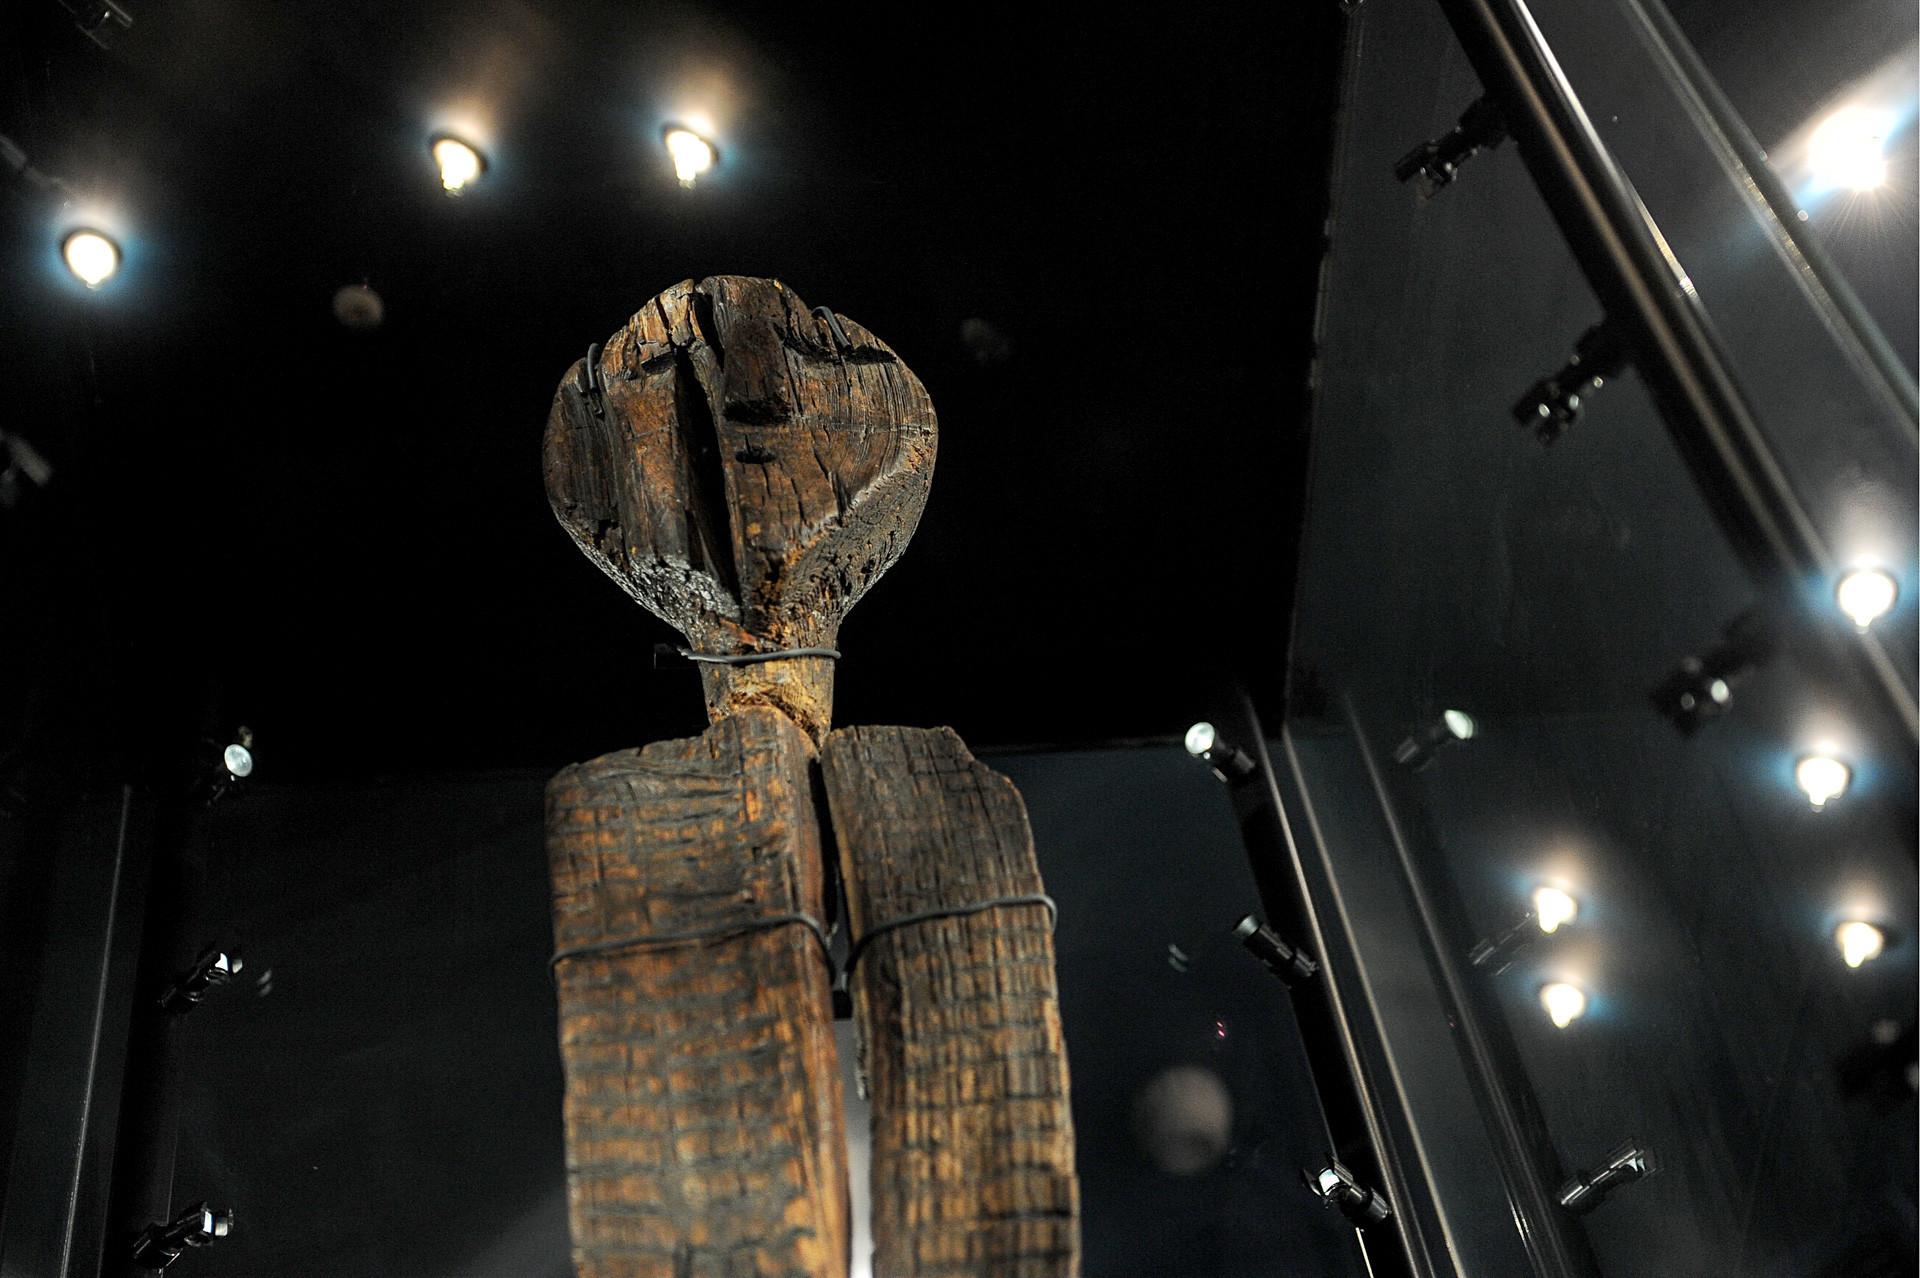 O Ídolo de Shiguir, a mais antiga escultura de madeira do mundo, em exibição no Museu Regional do Saber de Sverdlovsk.